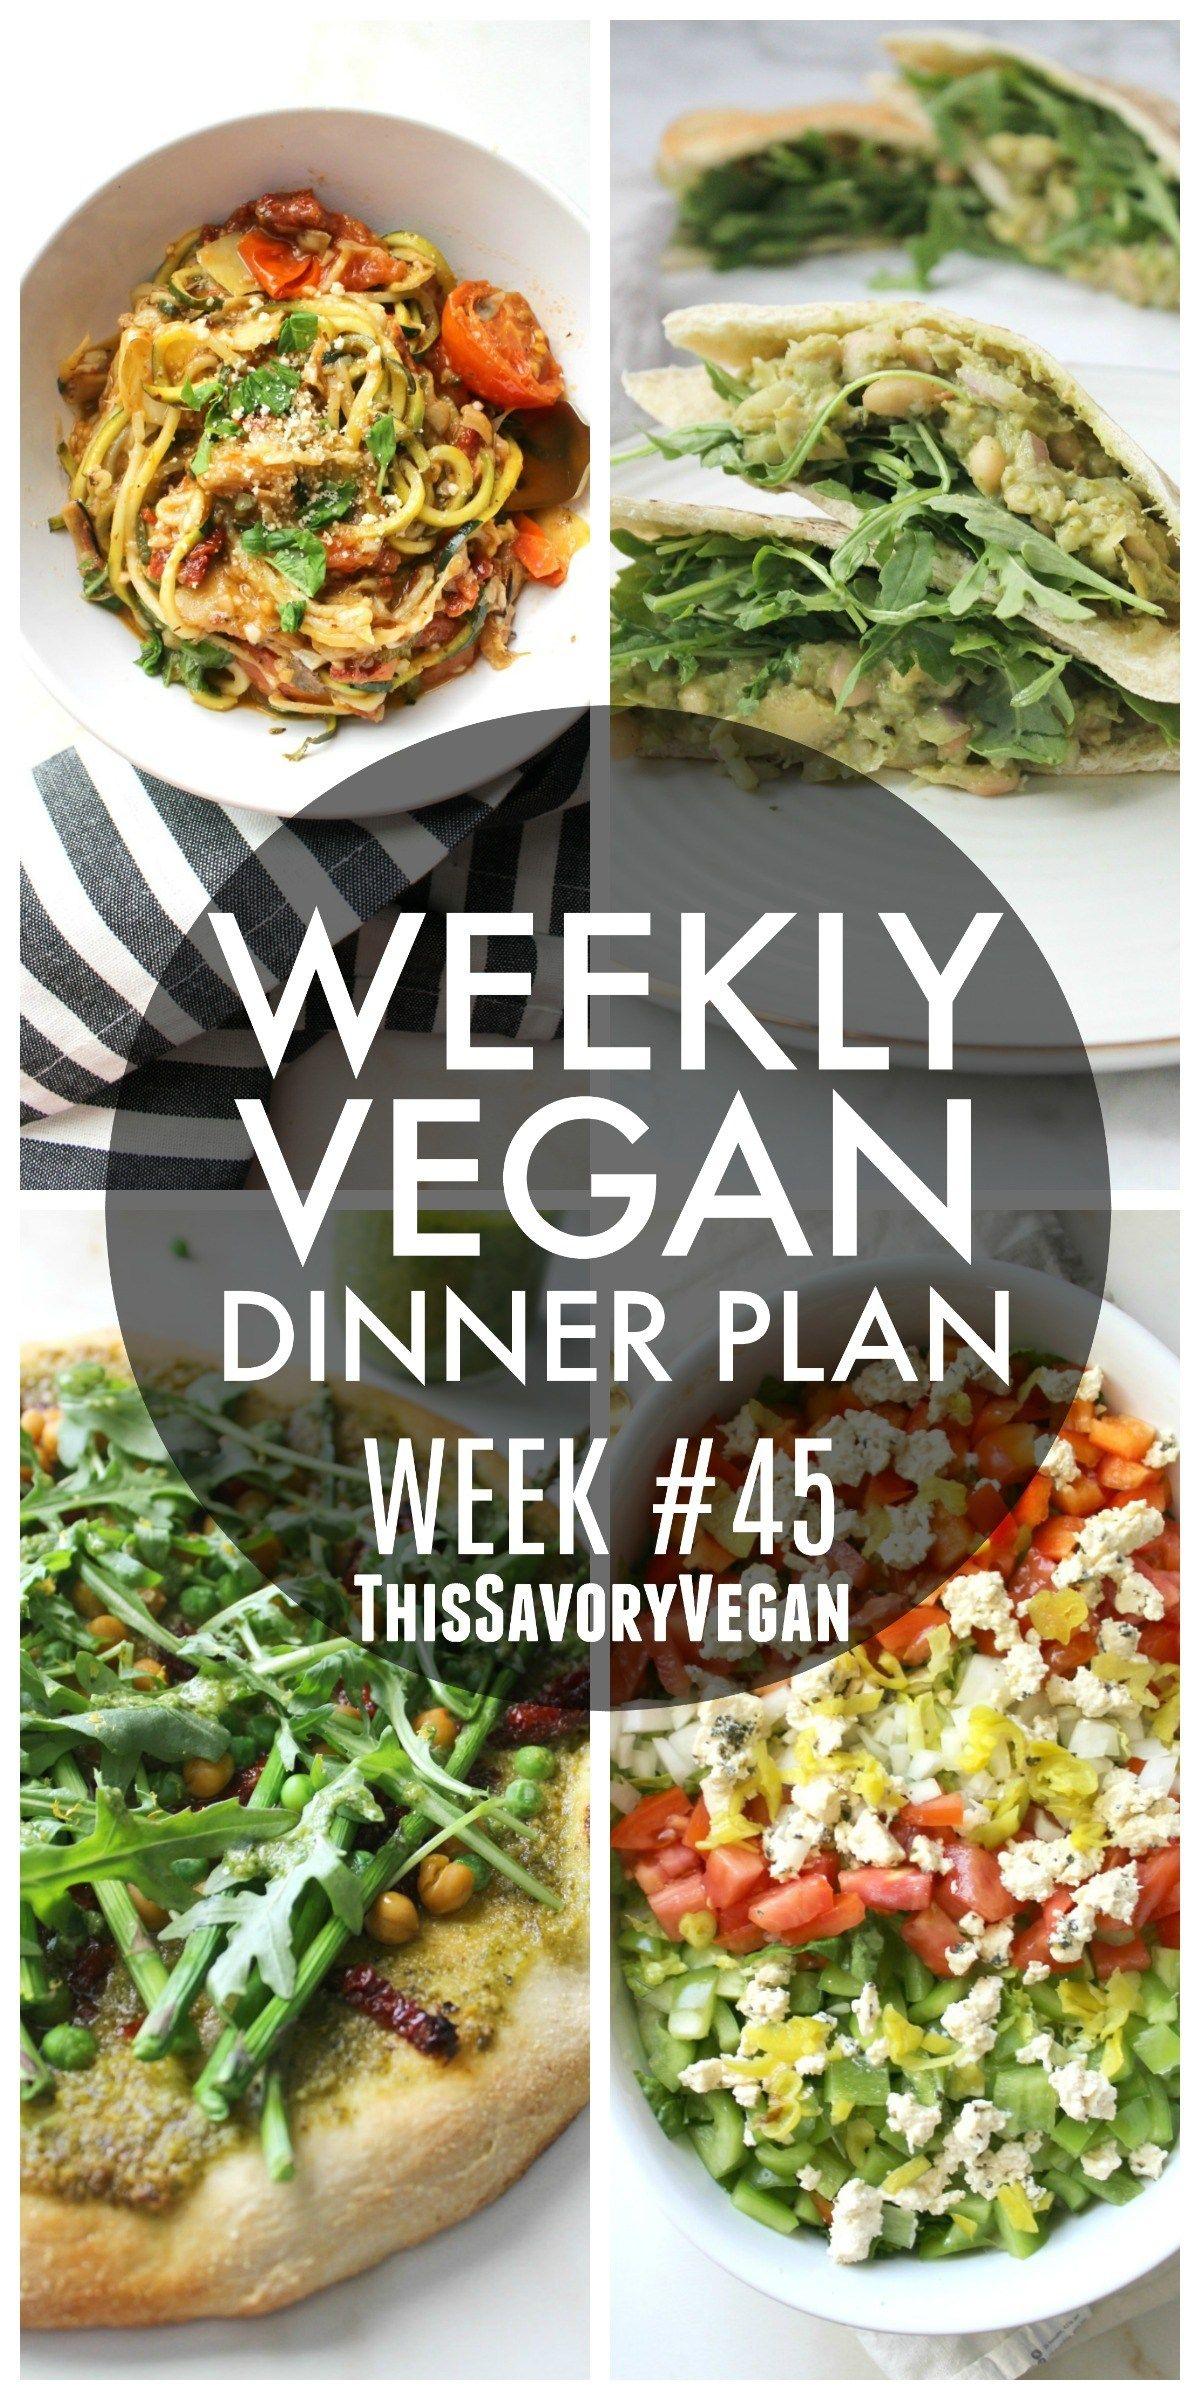 Wöchentliche vegane Diät Gewichtsverlust